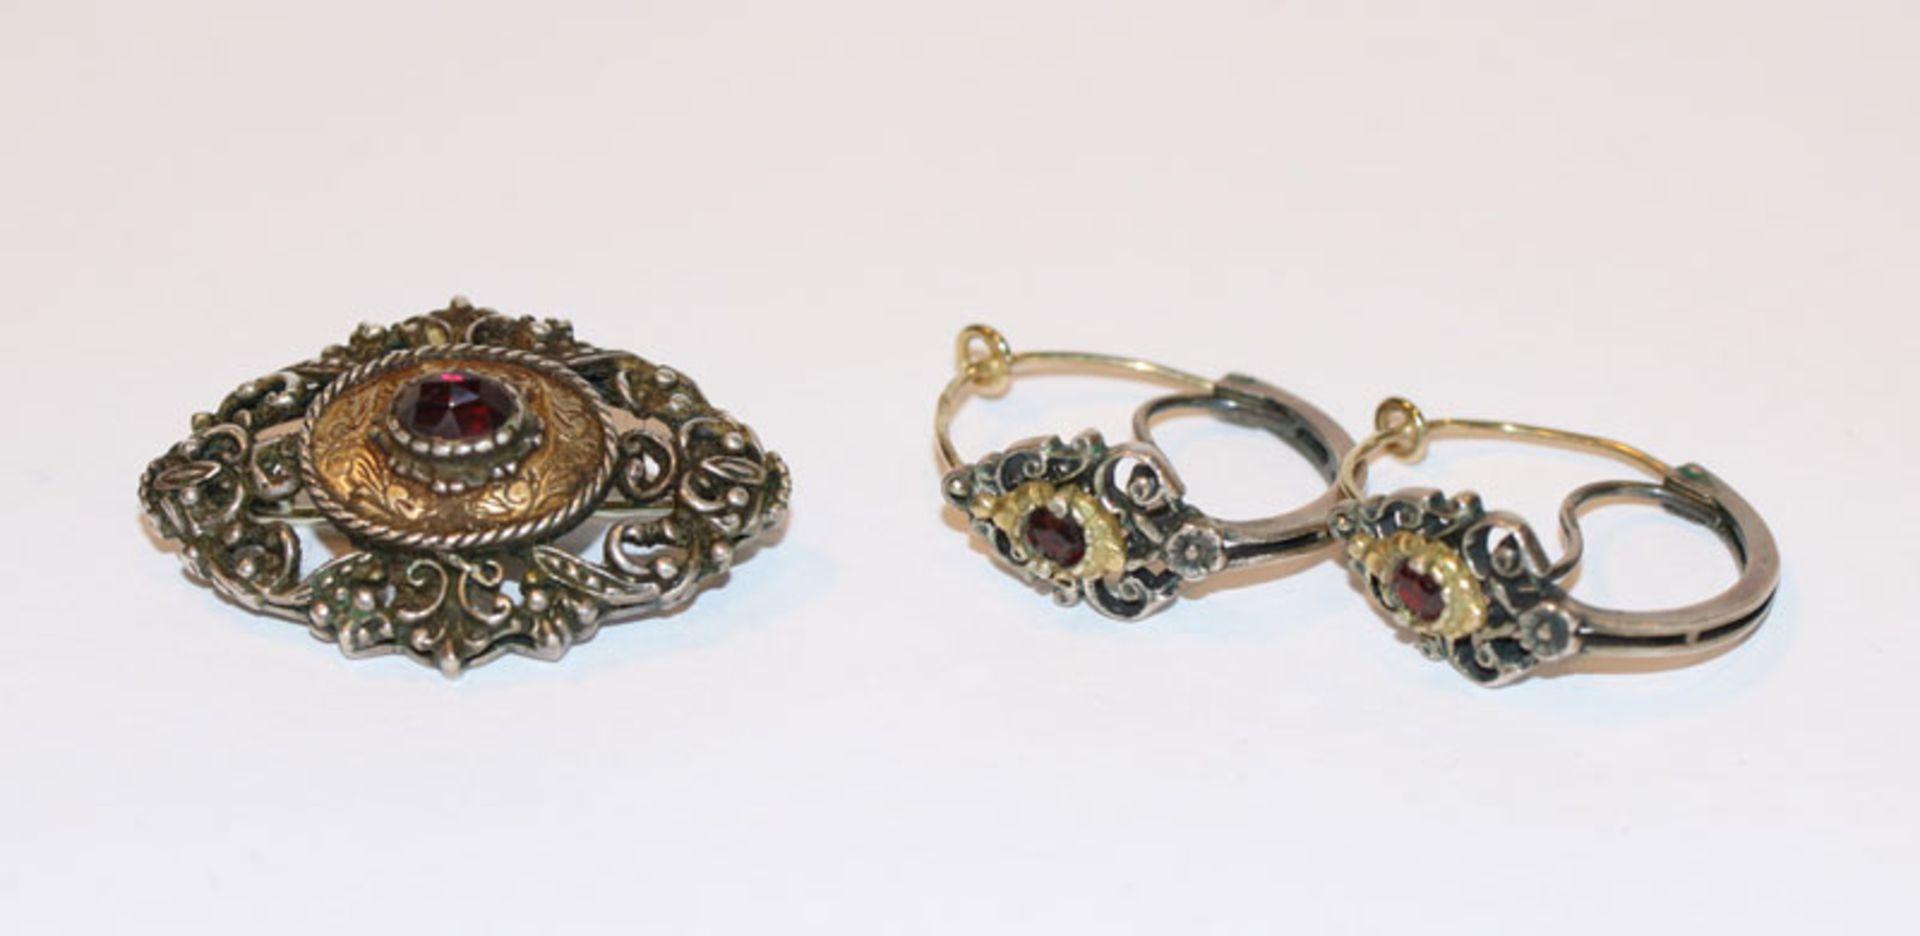 Los 45 - Paar Silber Trachten-Creolen, teils vergoldet mit Granat, D 2 cm, und passende Brosche, B 3,5 cm